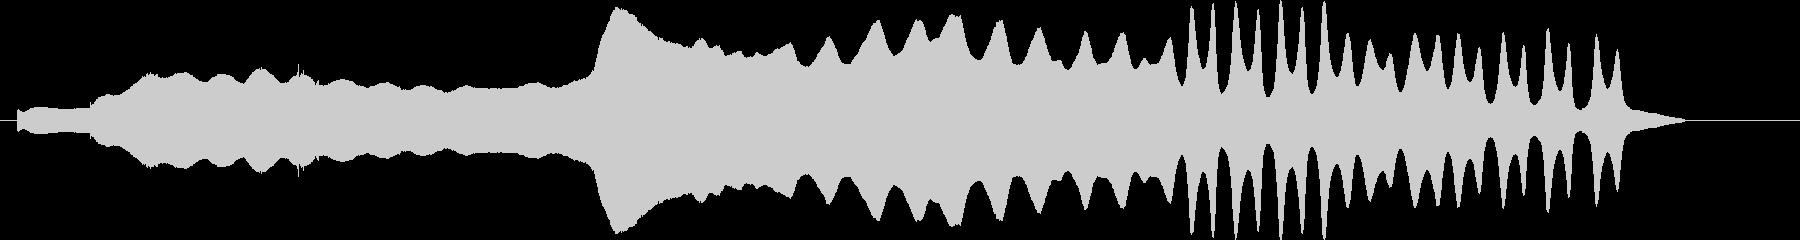 低周波変調3;電力サージ;振動、ス...の未再生の波形